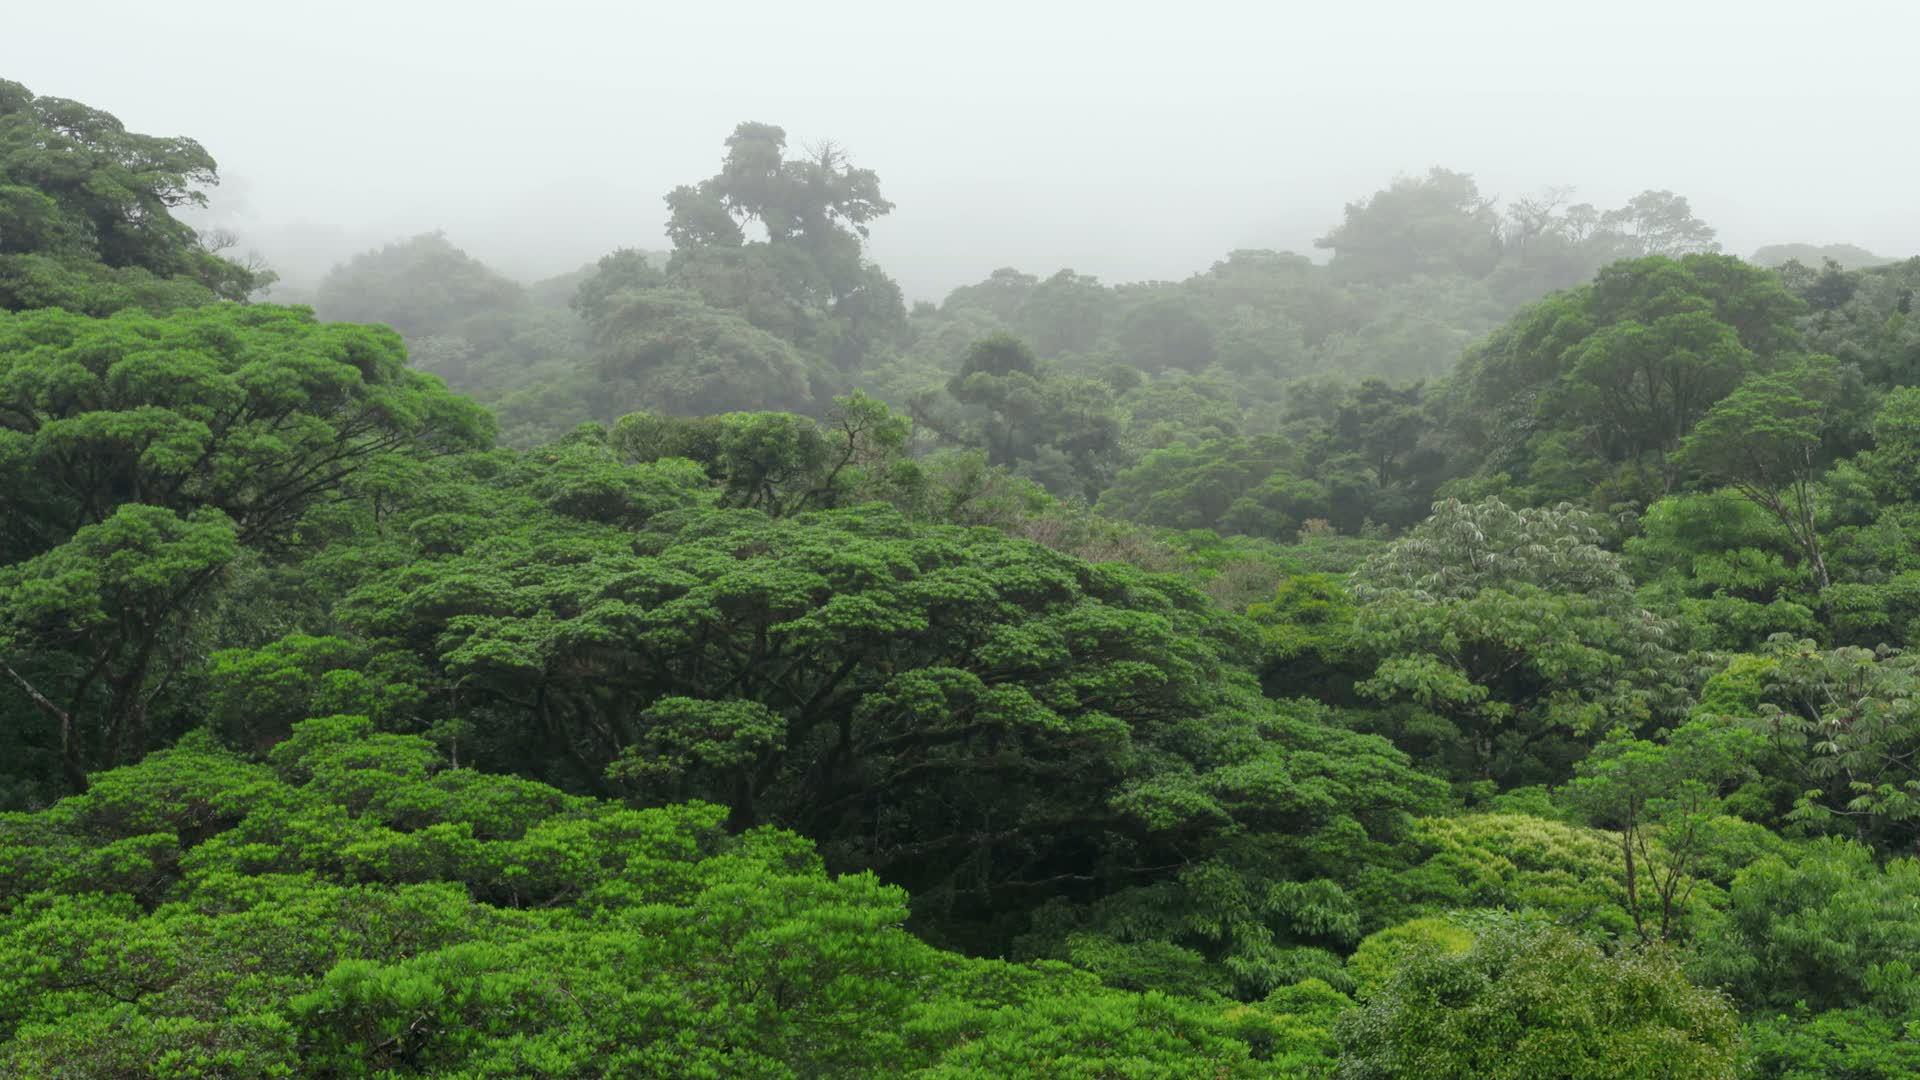 La selva tropical nubosa en 39 planeta selva 39 for El tiempo en macanet de la selva